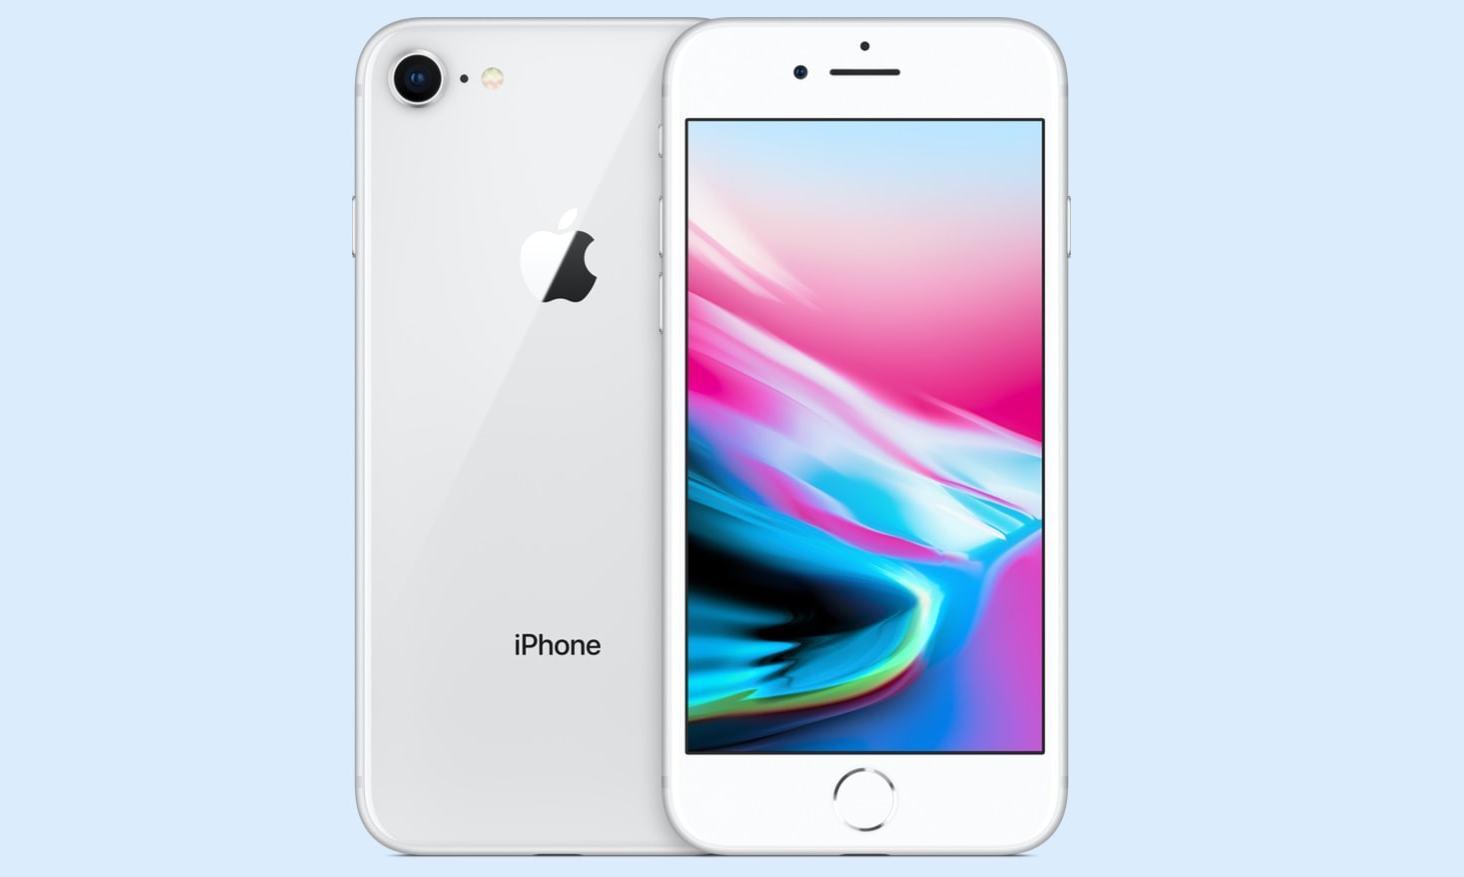 4月15日!苹果即将发布iPhone 9:399美元起售